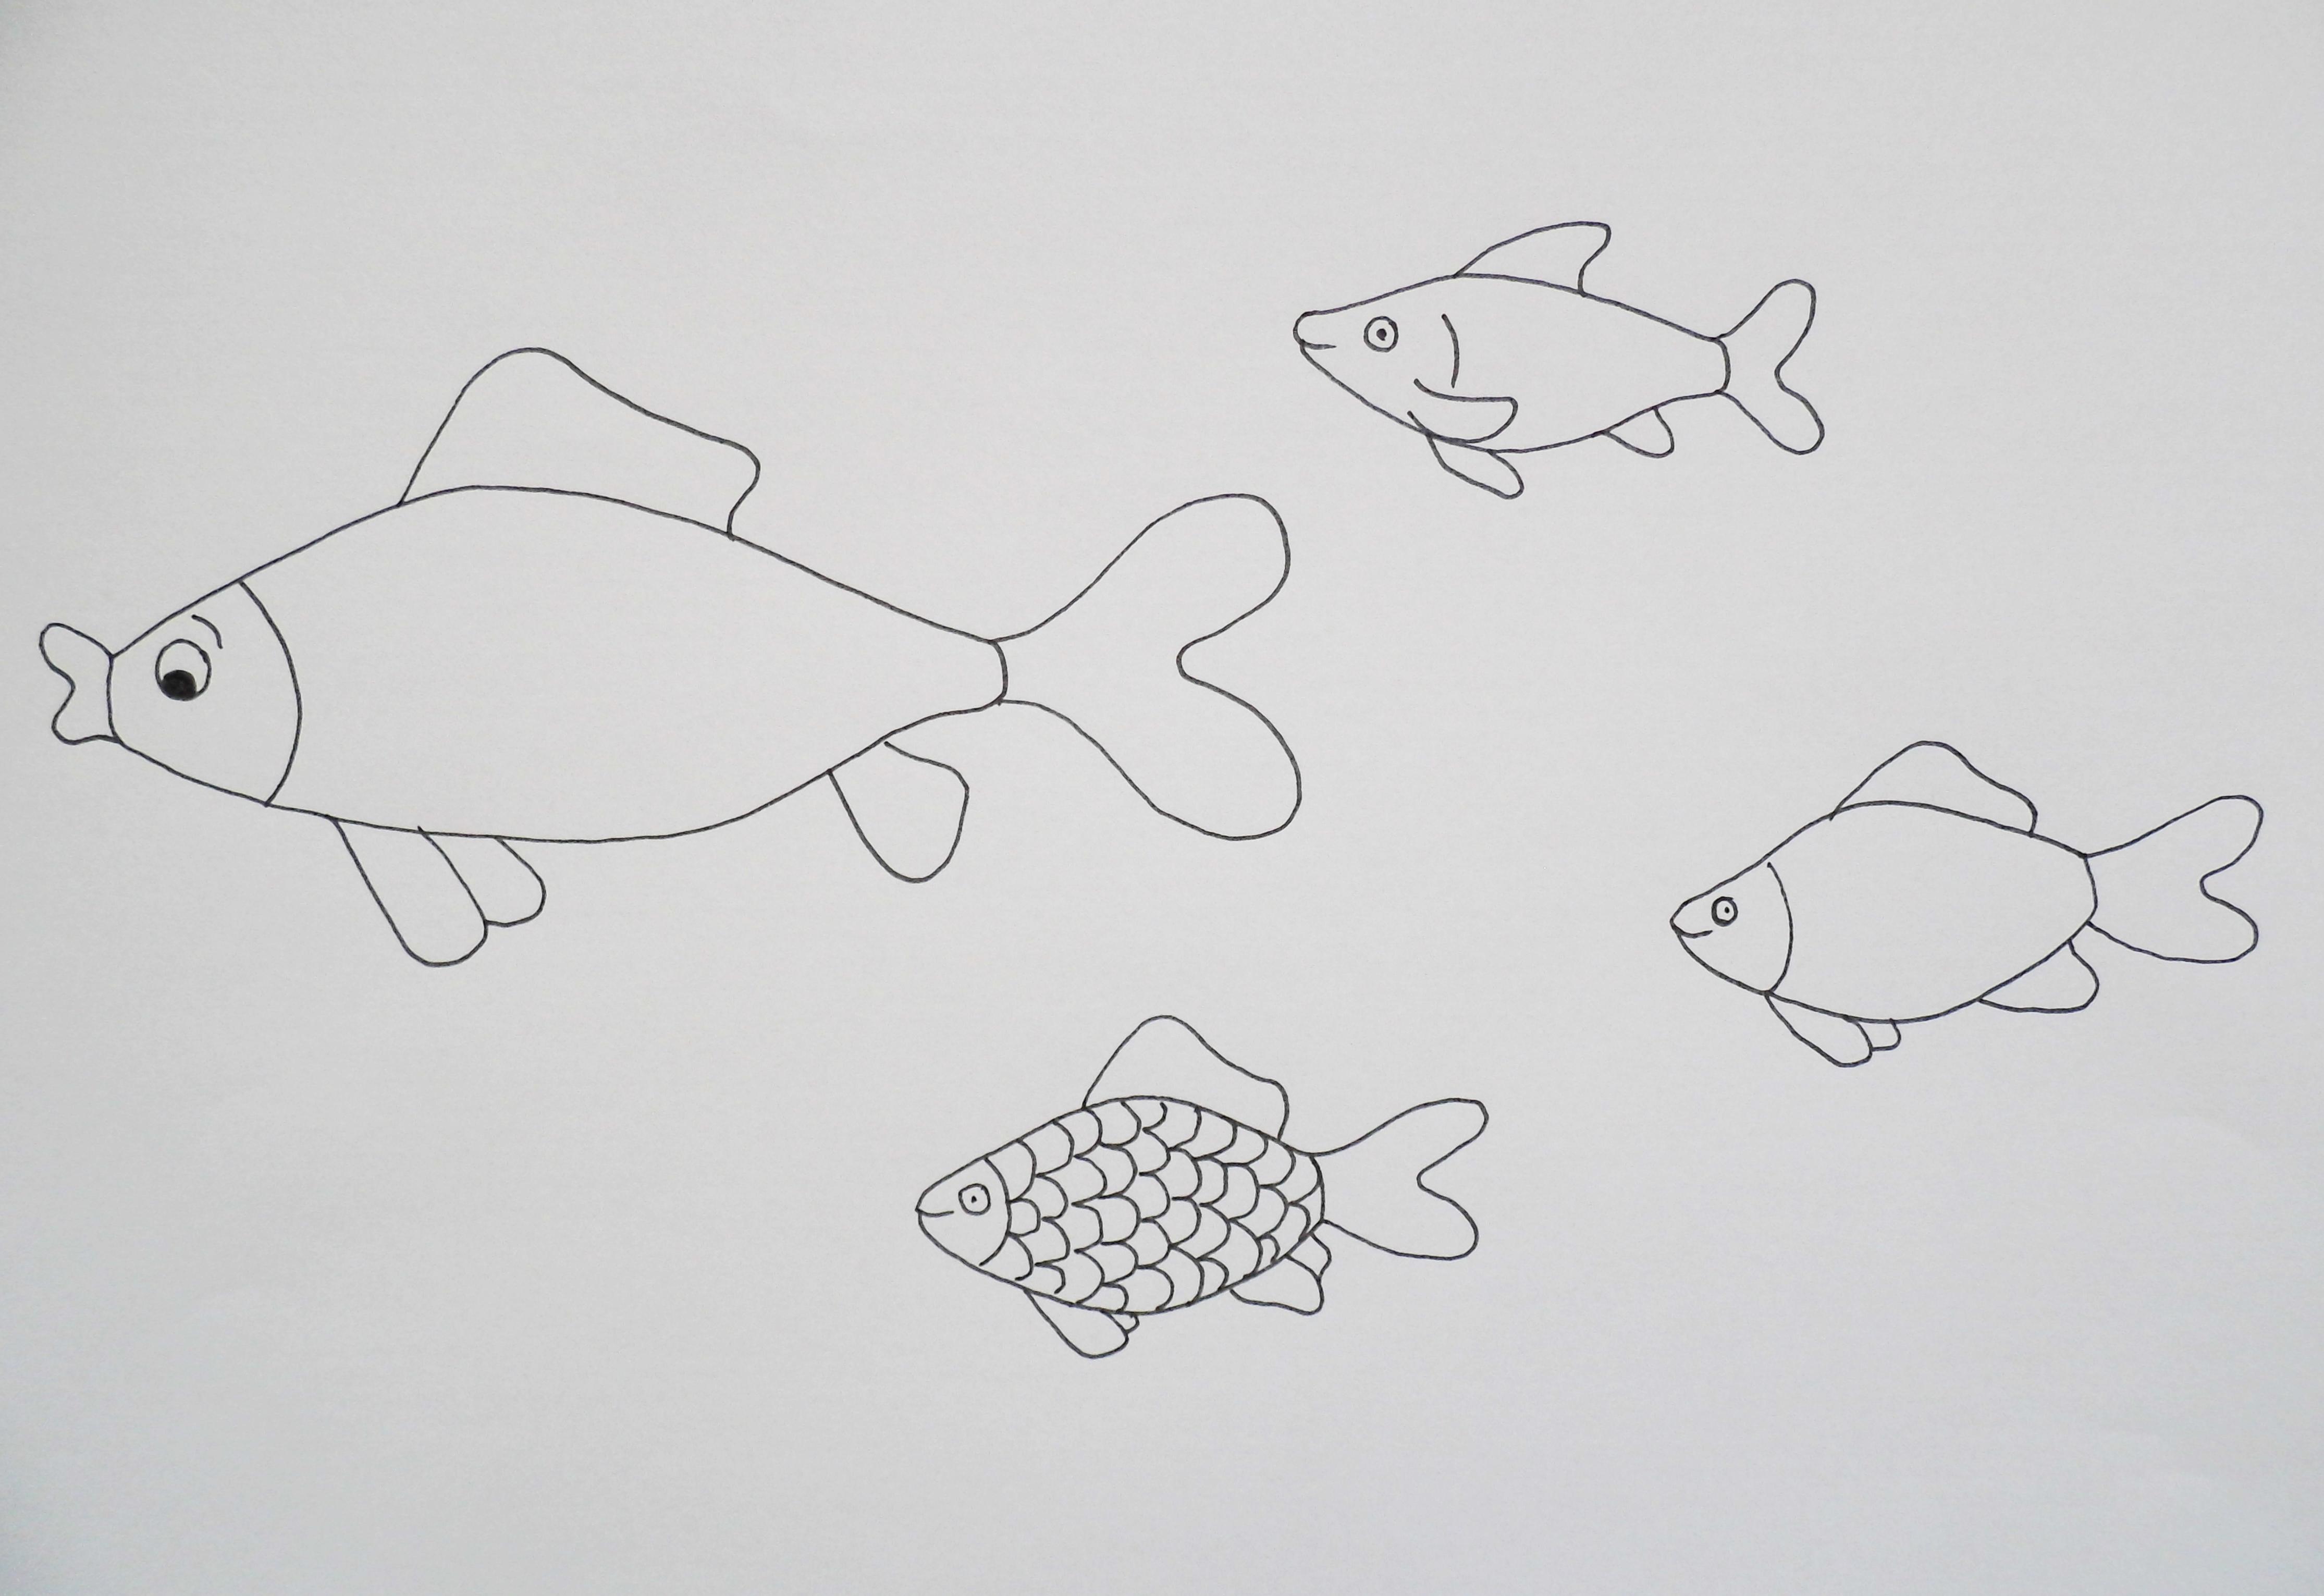 Fische zum ausdrucken bunt